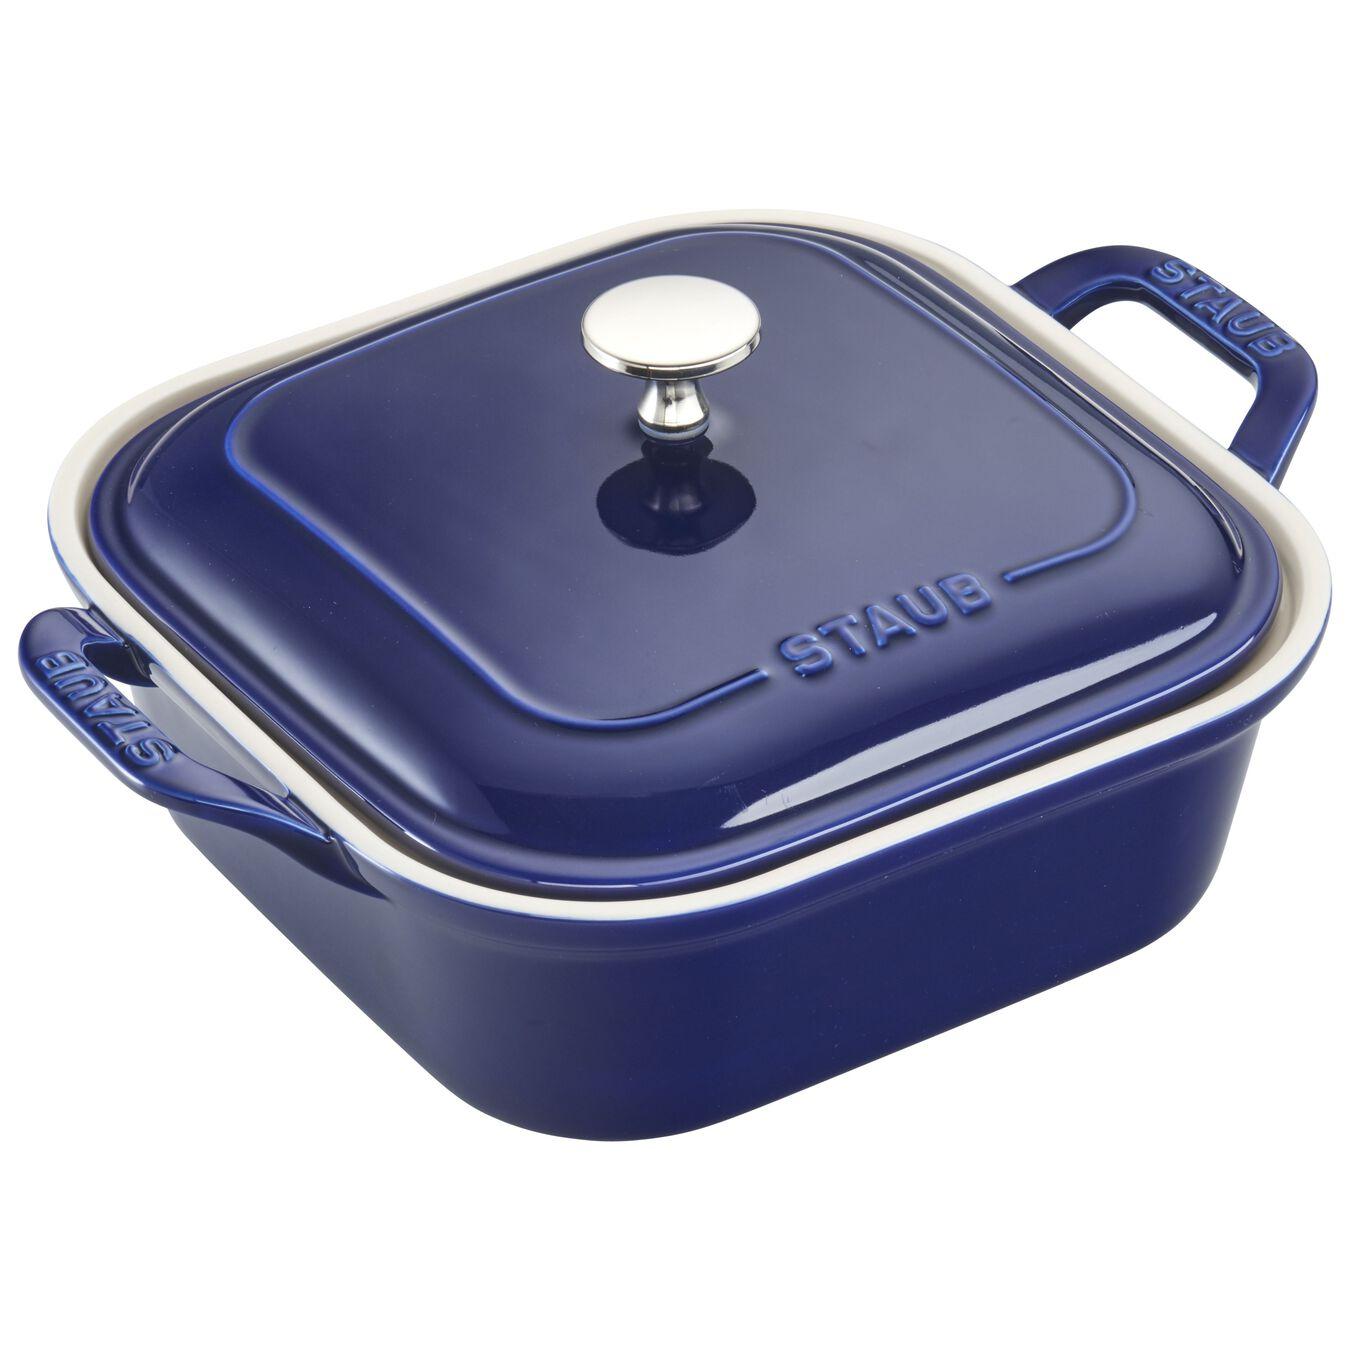 4-pc Baking Dish Set - Dark Blue,,large 5